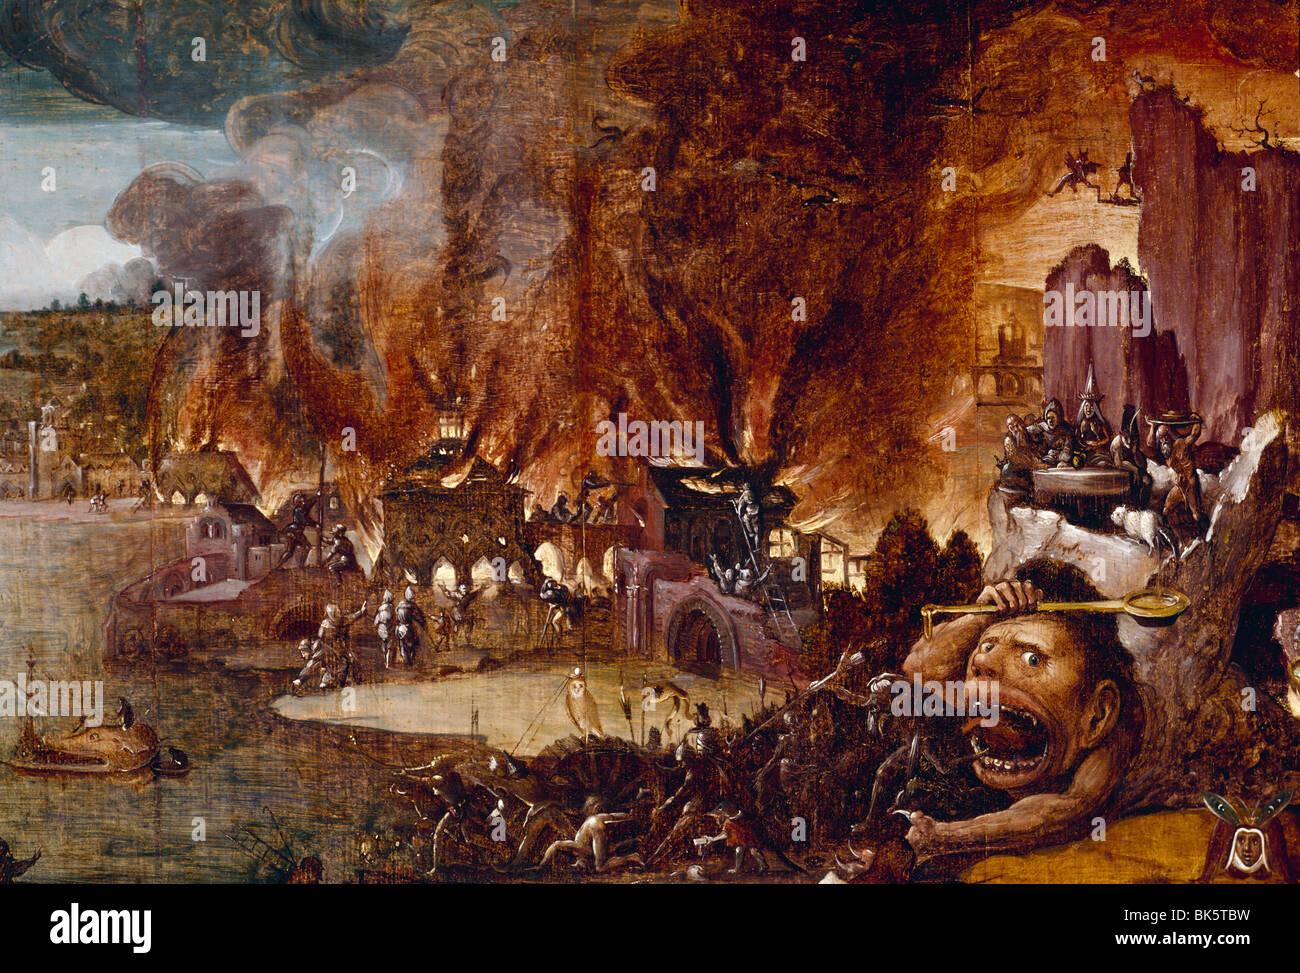 La Tentation de Saint Antoine de Jérôme Bosch la tempera on wood panel détail vers 1490 Circa 1450 Photo Stock